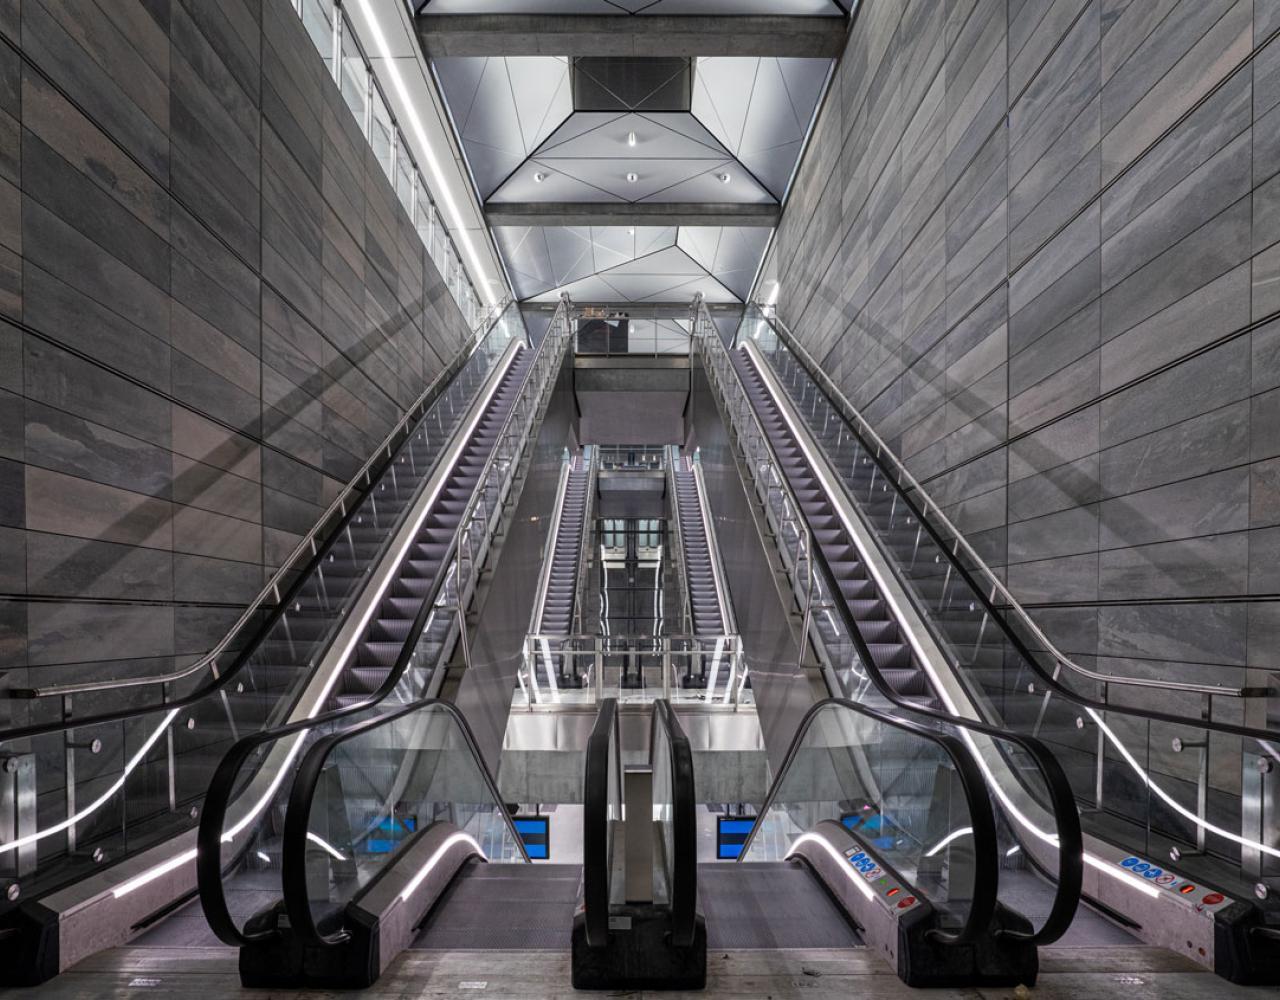 frederiksberg metro station